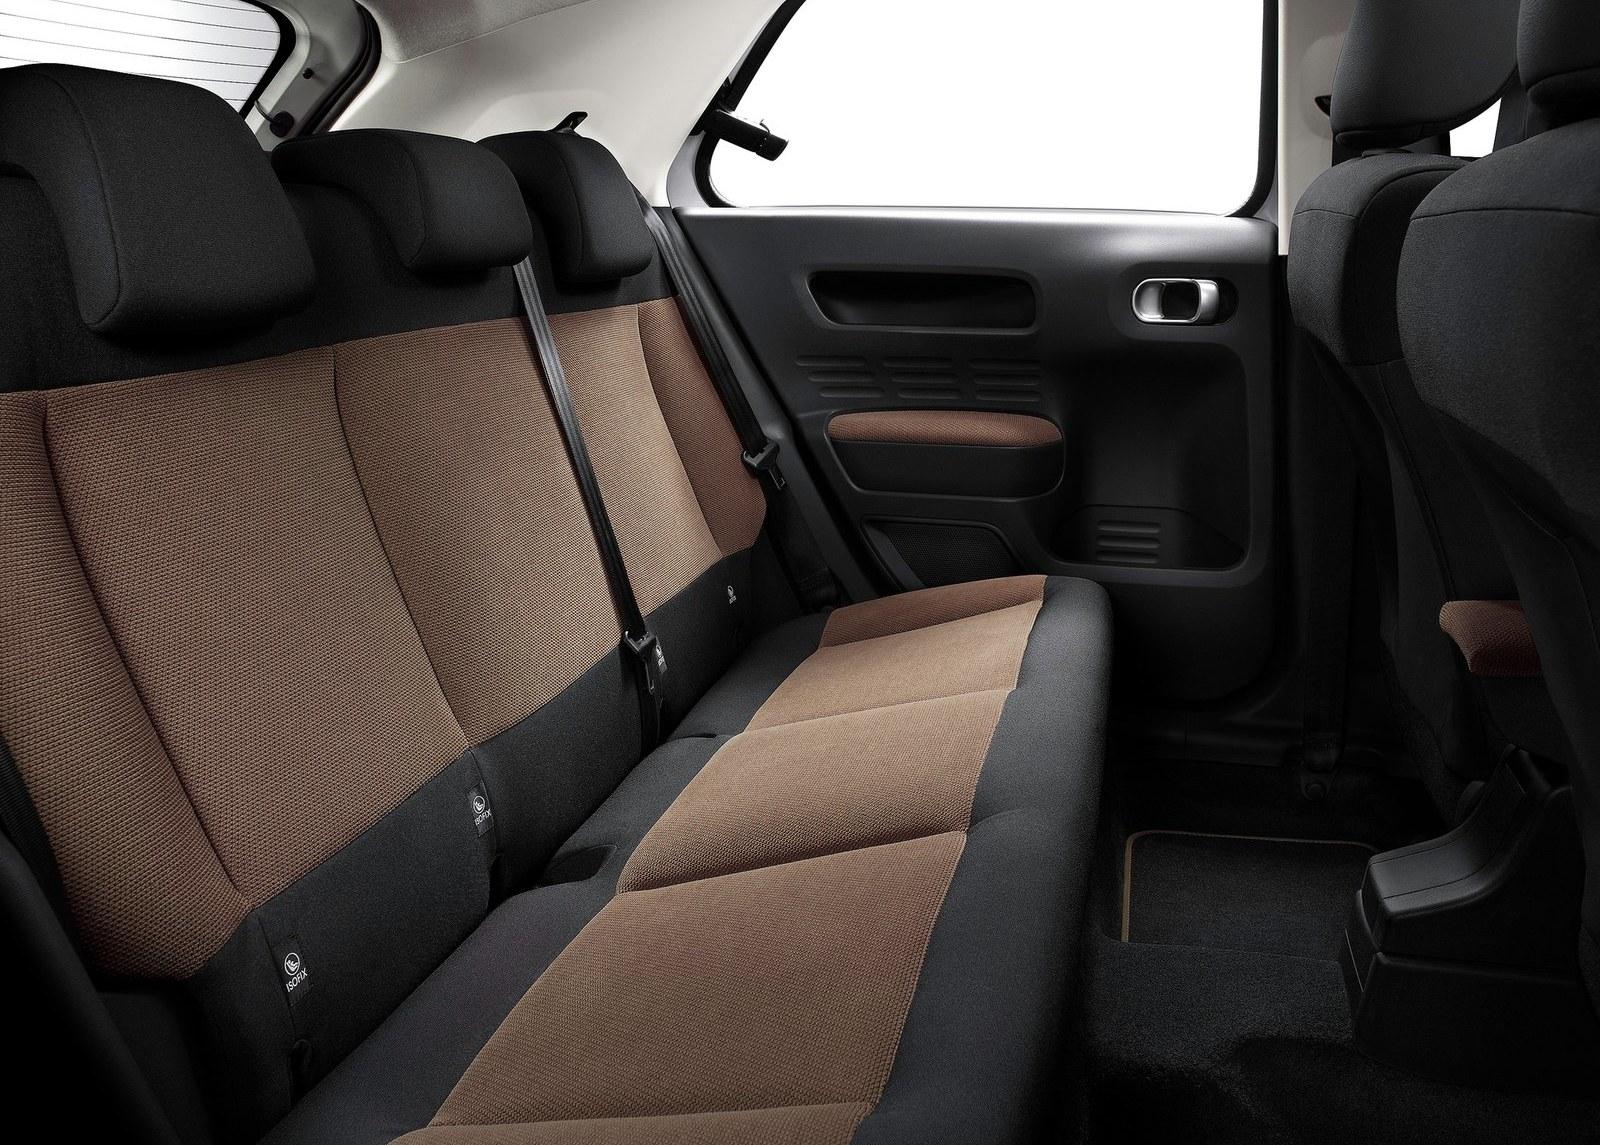 2015 Citroen C4 Cactus Rear Seats Interior (Photo 11 of 21)